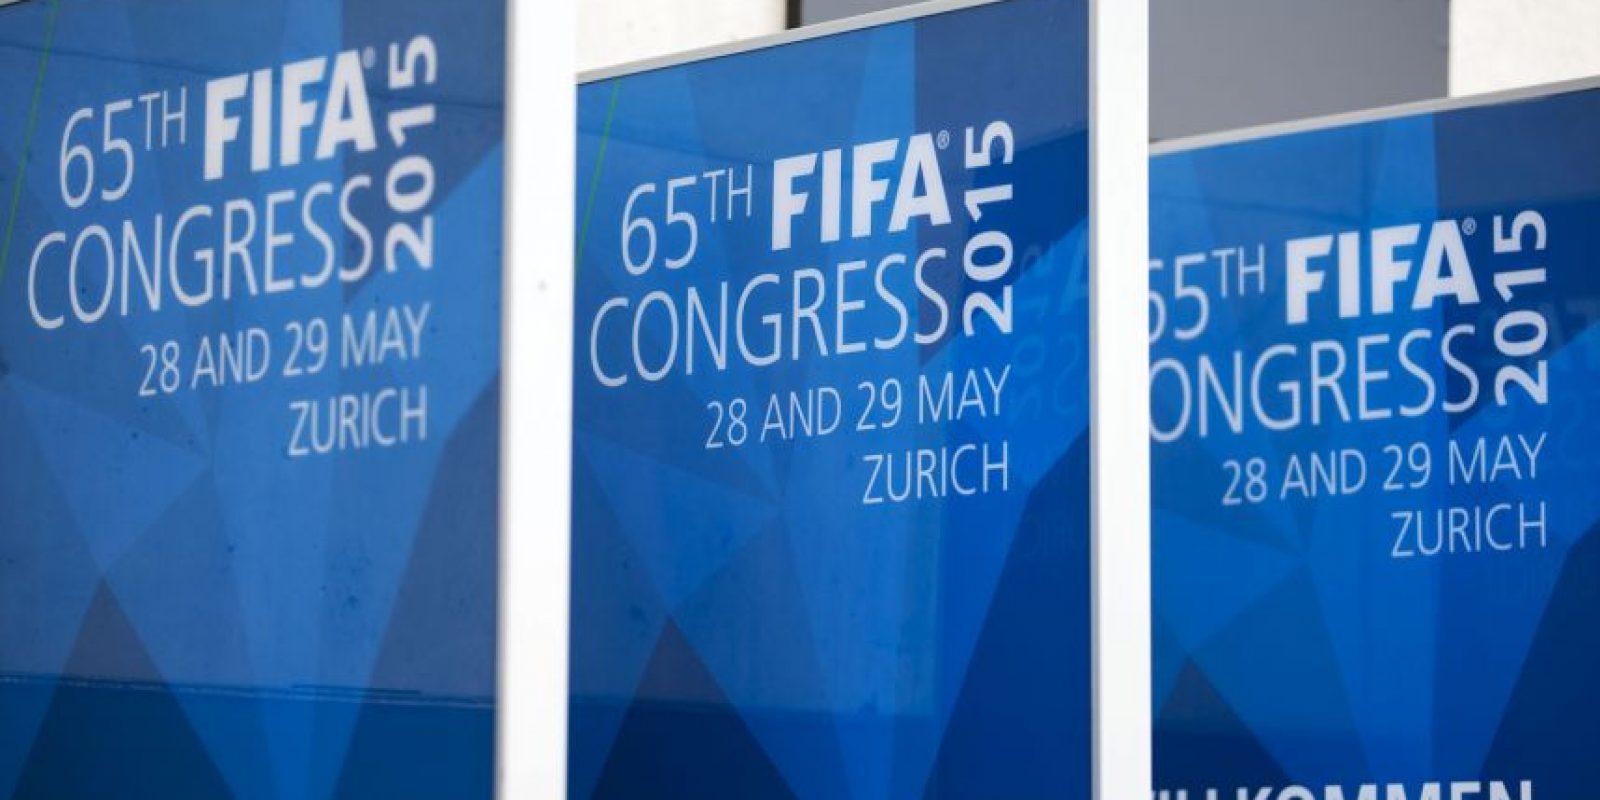 La administración de Joseph Blatter se volvió a manchar. La detención de siete altos funcionarios de la FIFA acusados de corrupción pone en tela de juicio la limpieza con la que se maneja el fútbol mundial. Foto:Getty Images